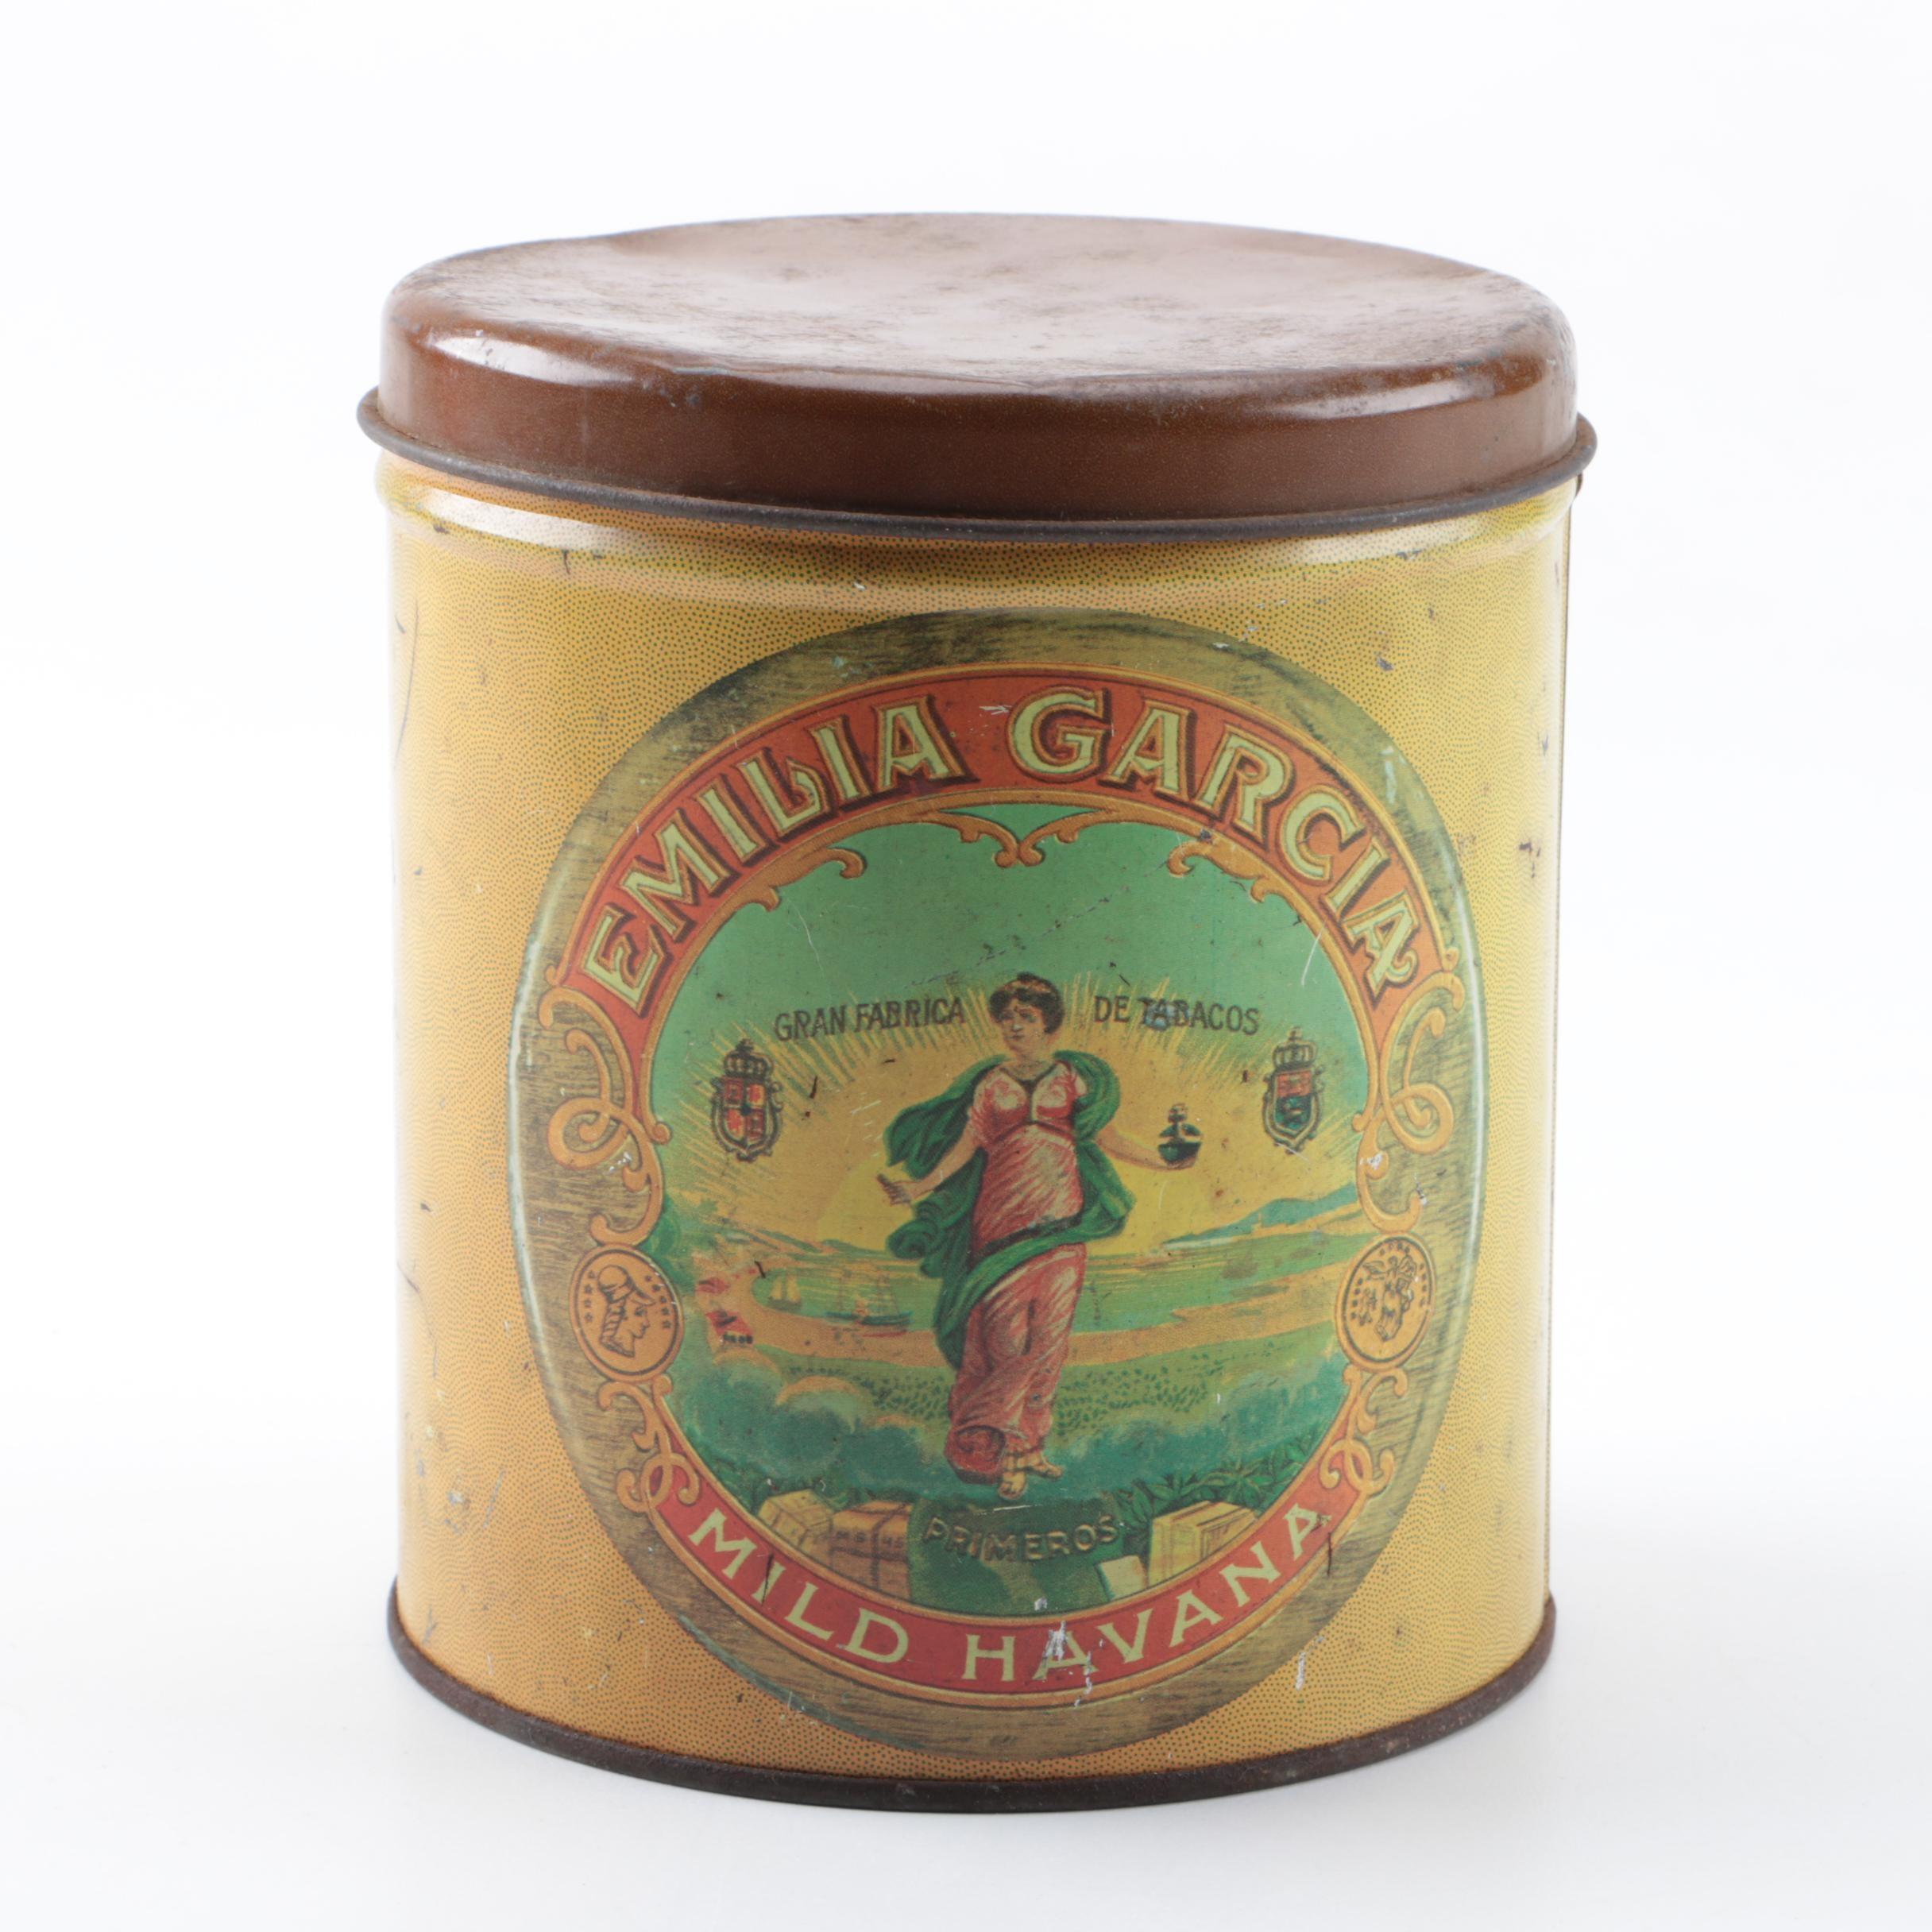 Emilia Garcia Mild Havana Tobacco Tin